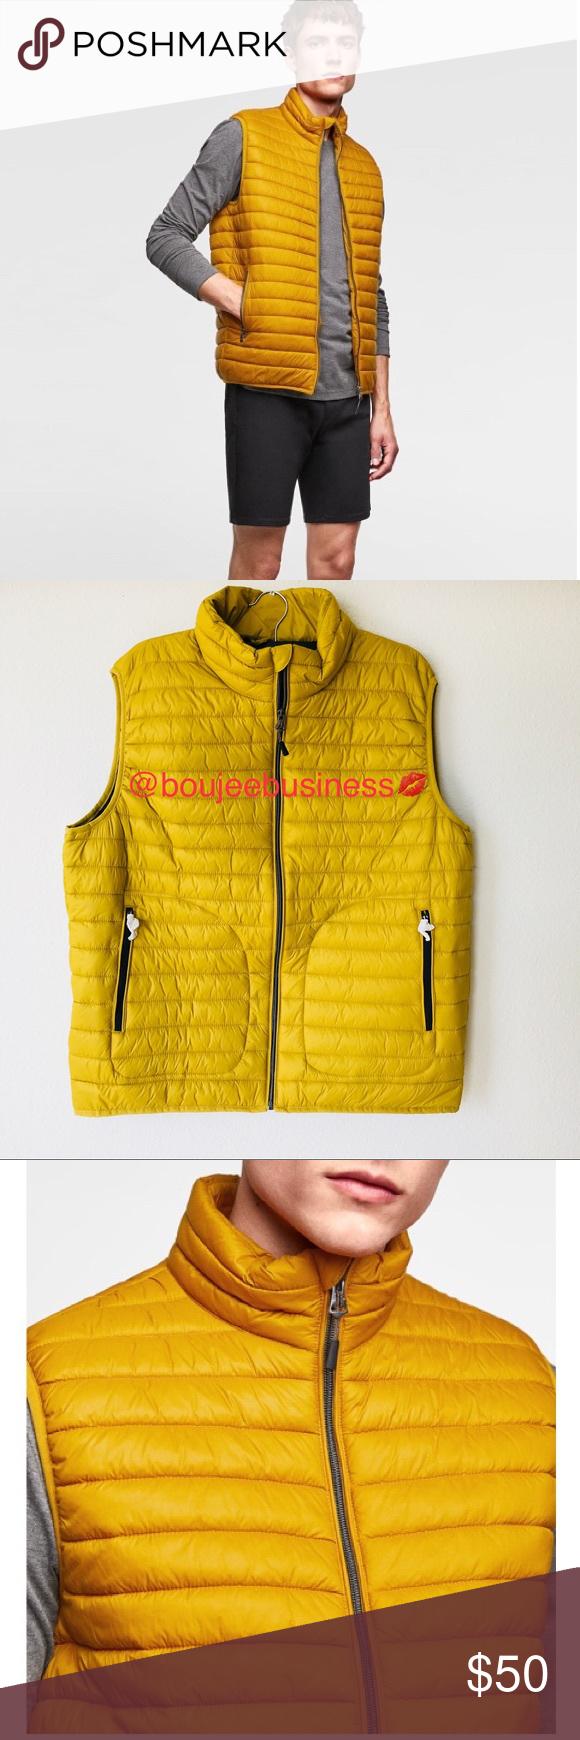 ZARA MAN Padded Vest Jacket NWT | Zara man, Padded vest